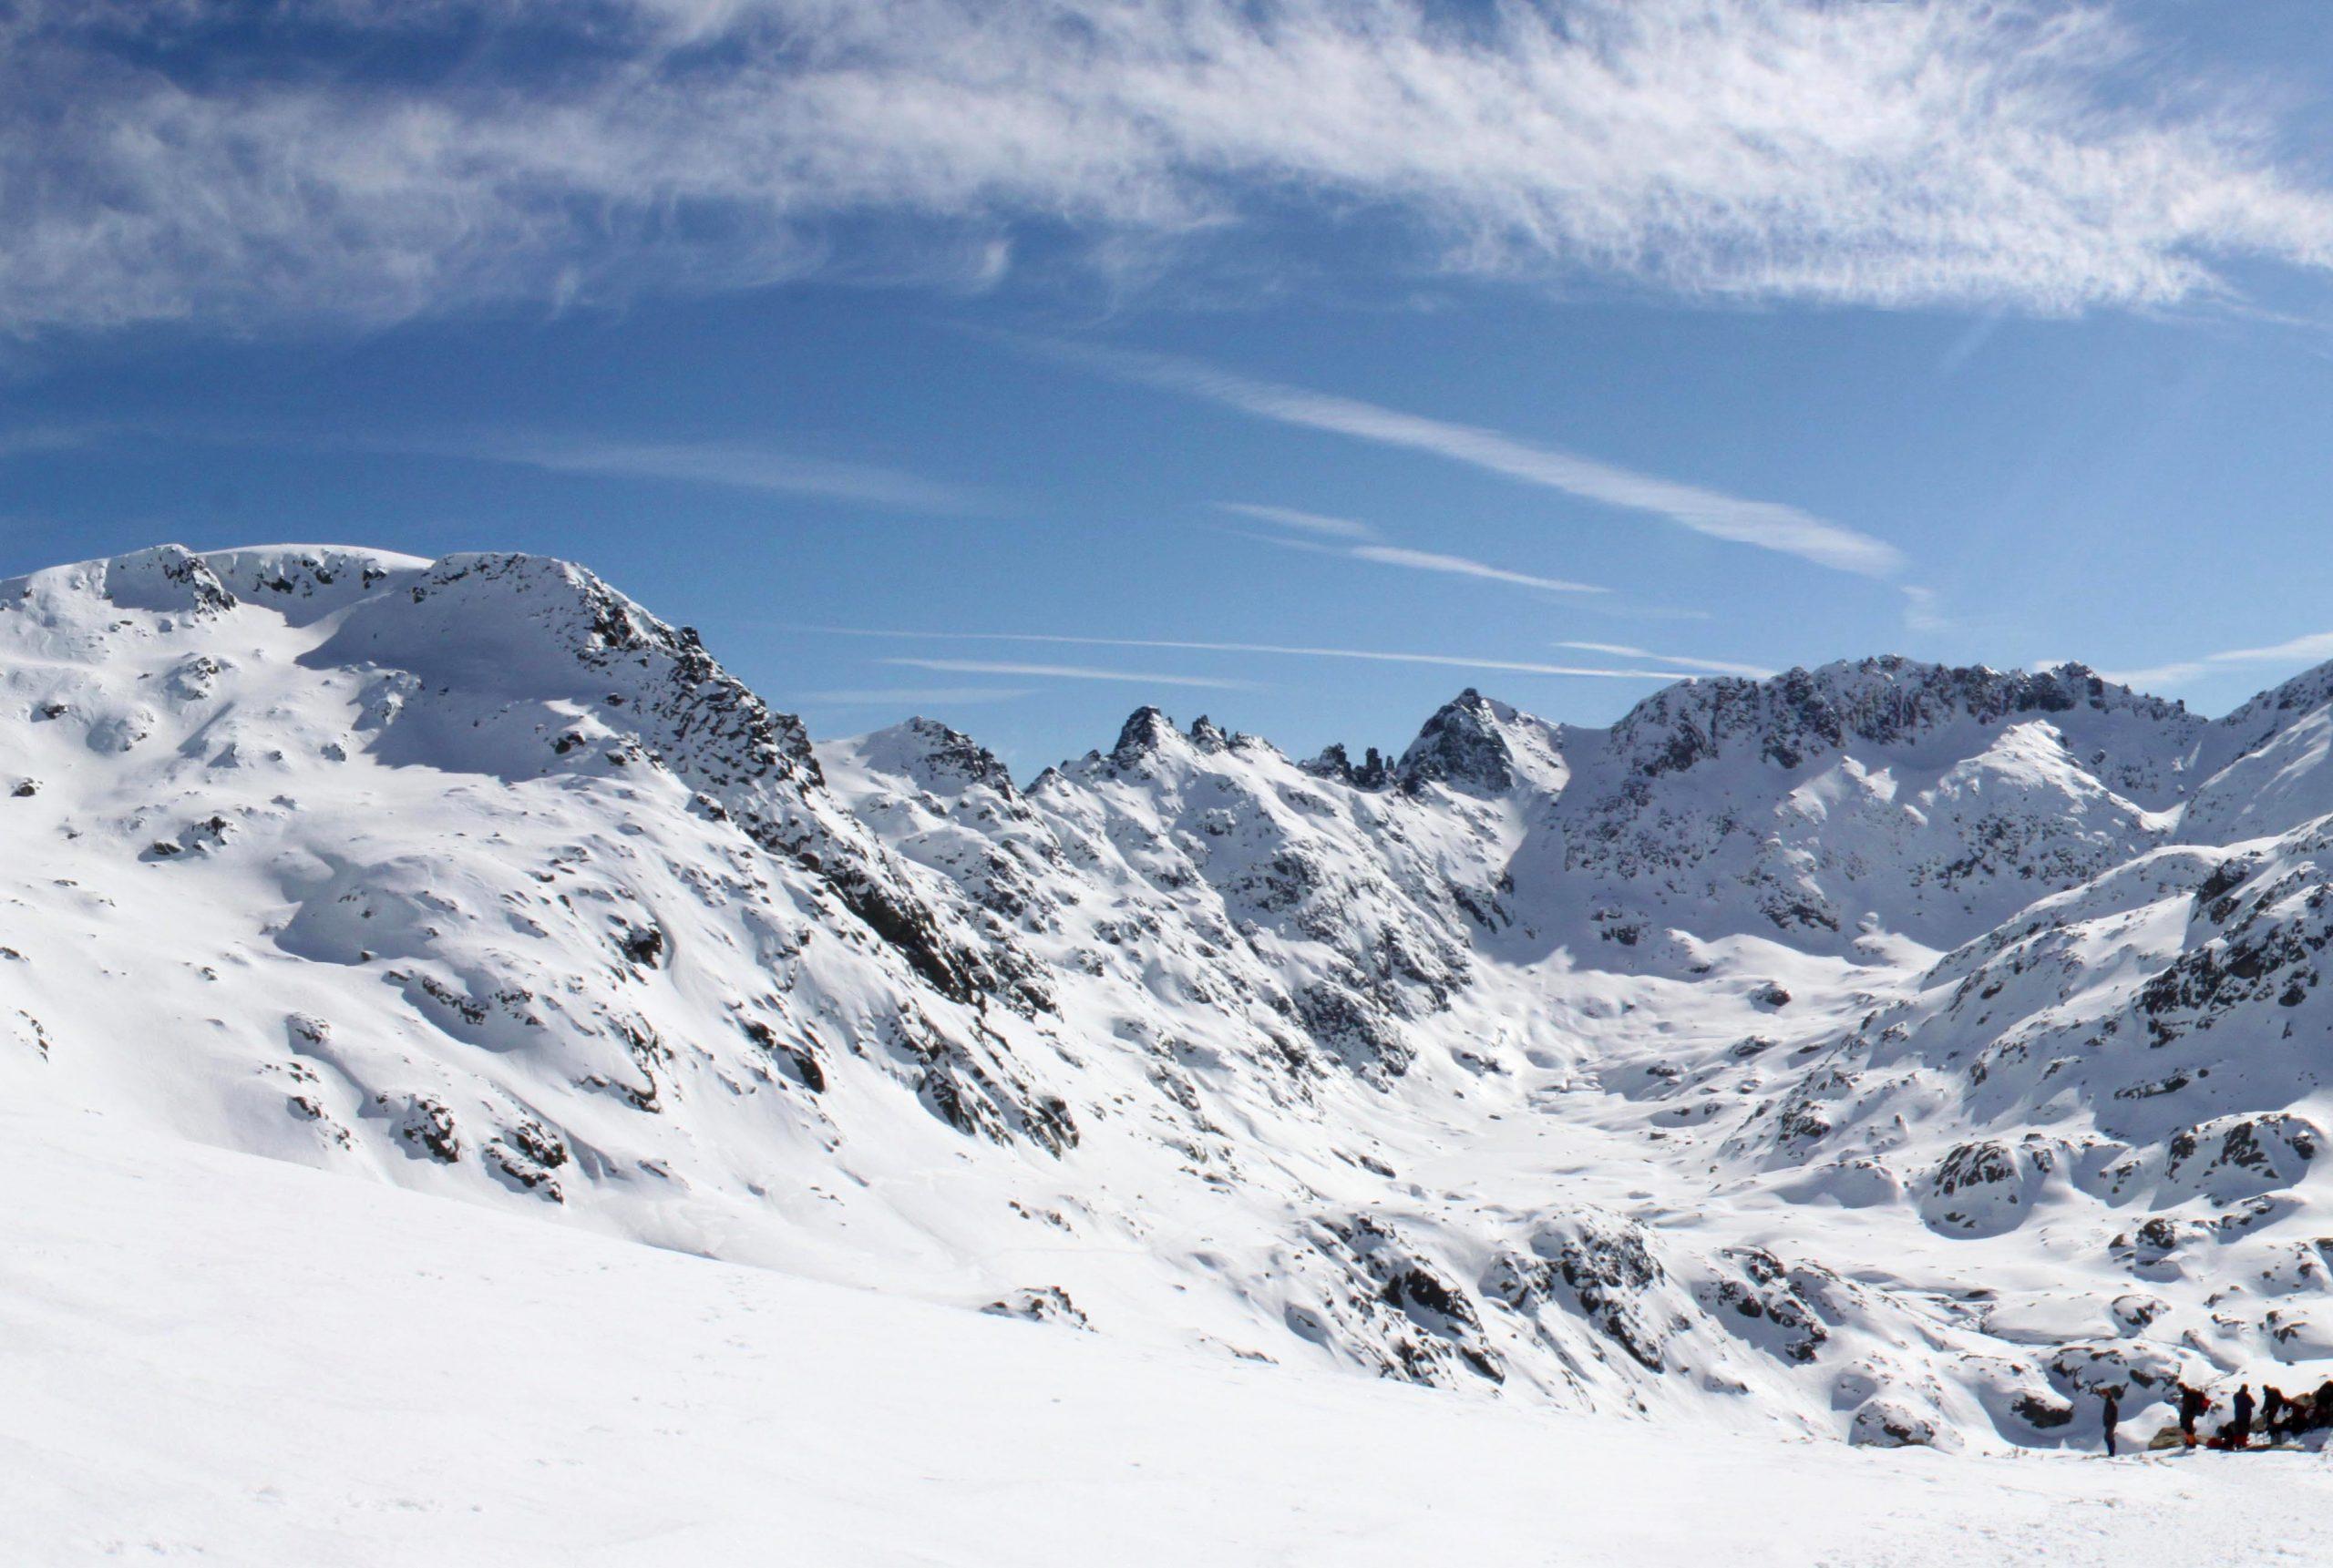 Sierra de Gredos. Senderismo invernal con raquetas de nieve.